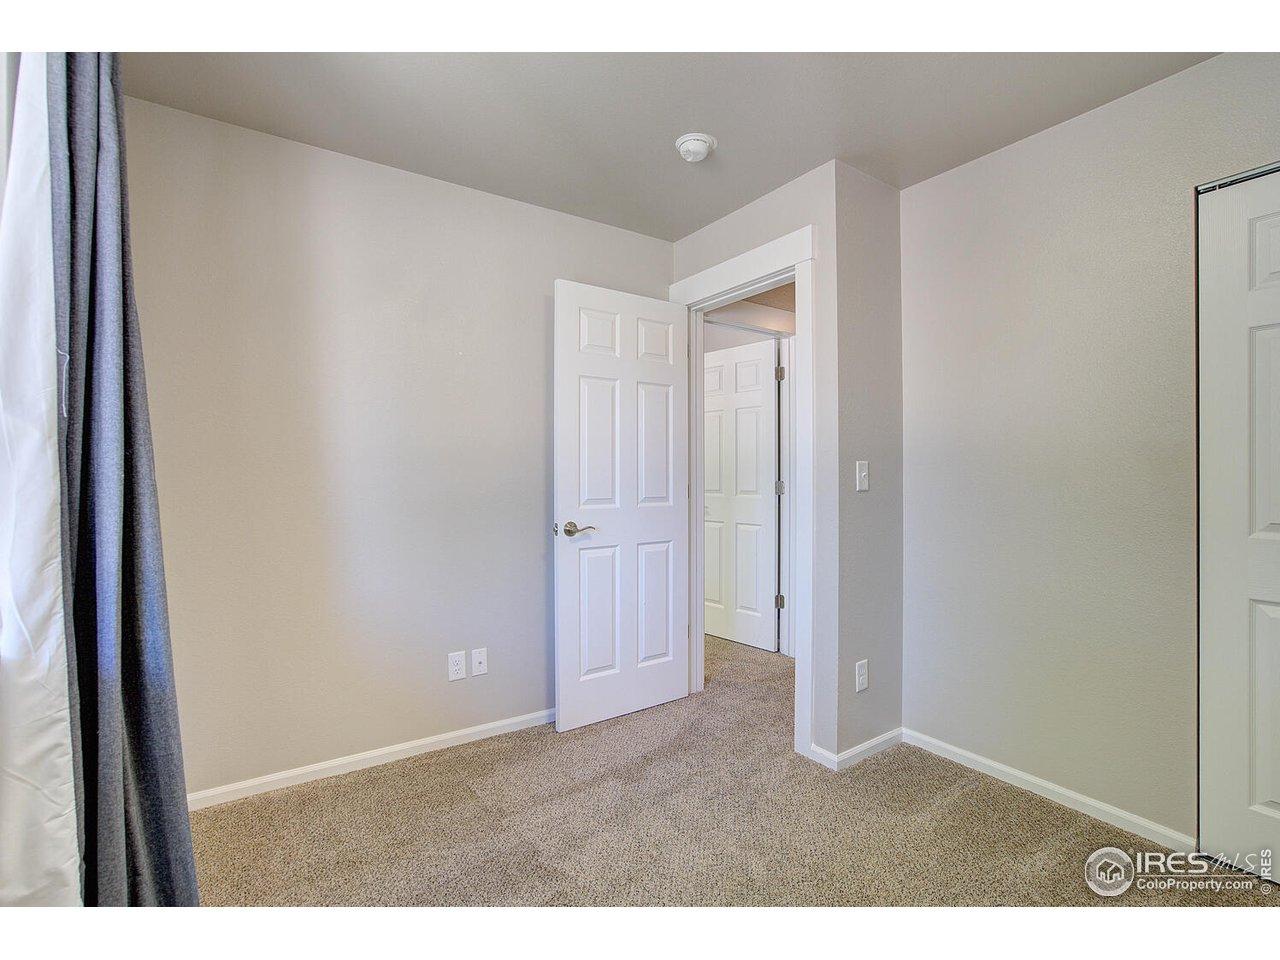 10 x 9 Bedroom 1